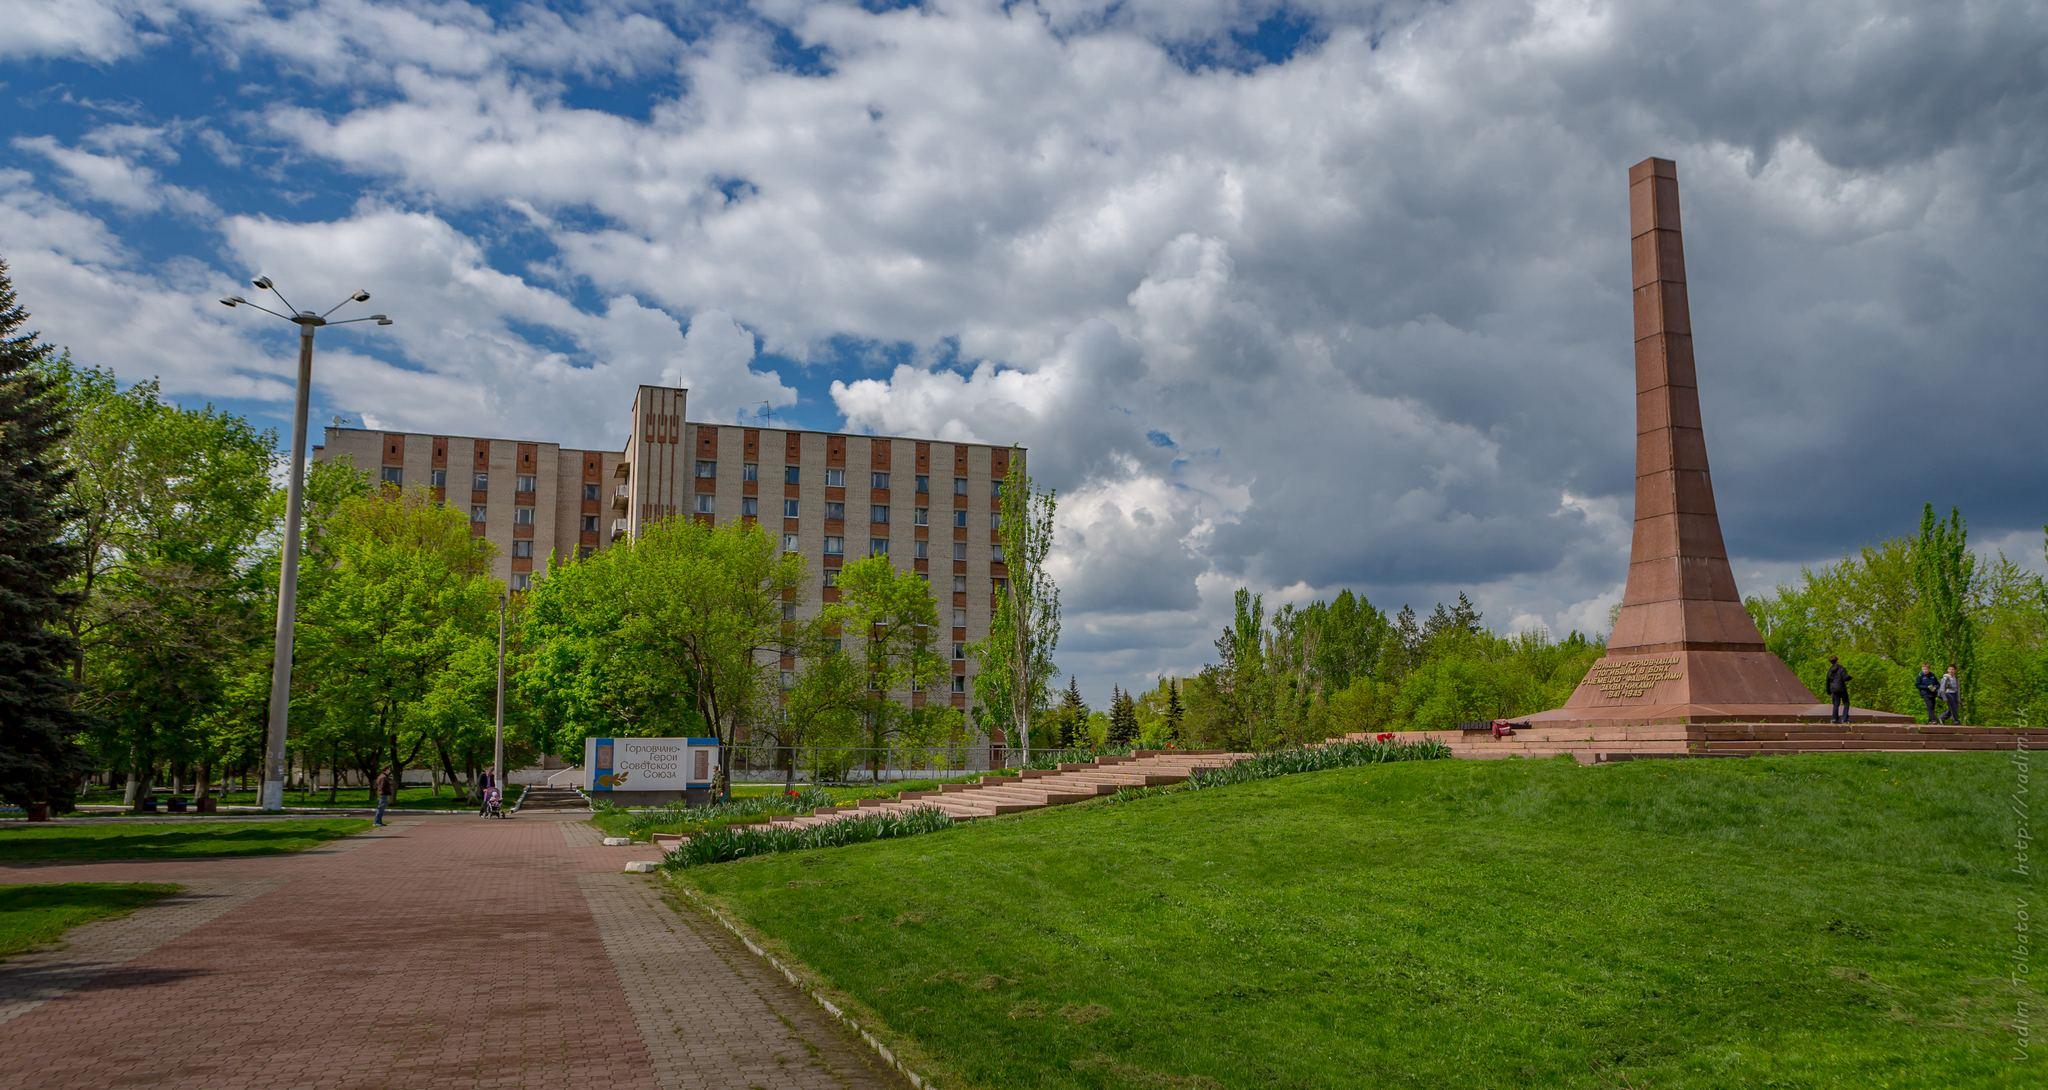 Одесса пантелеймоновский огнеупорный завод